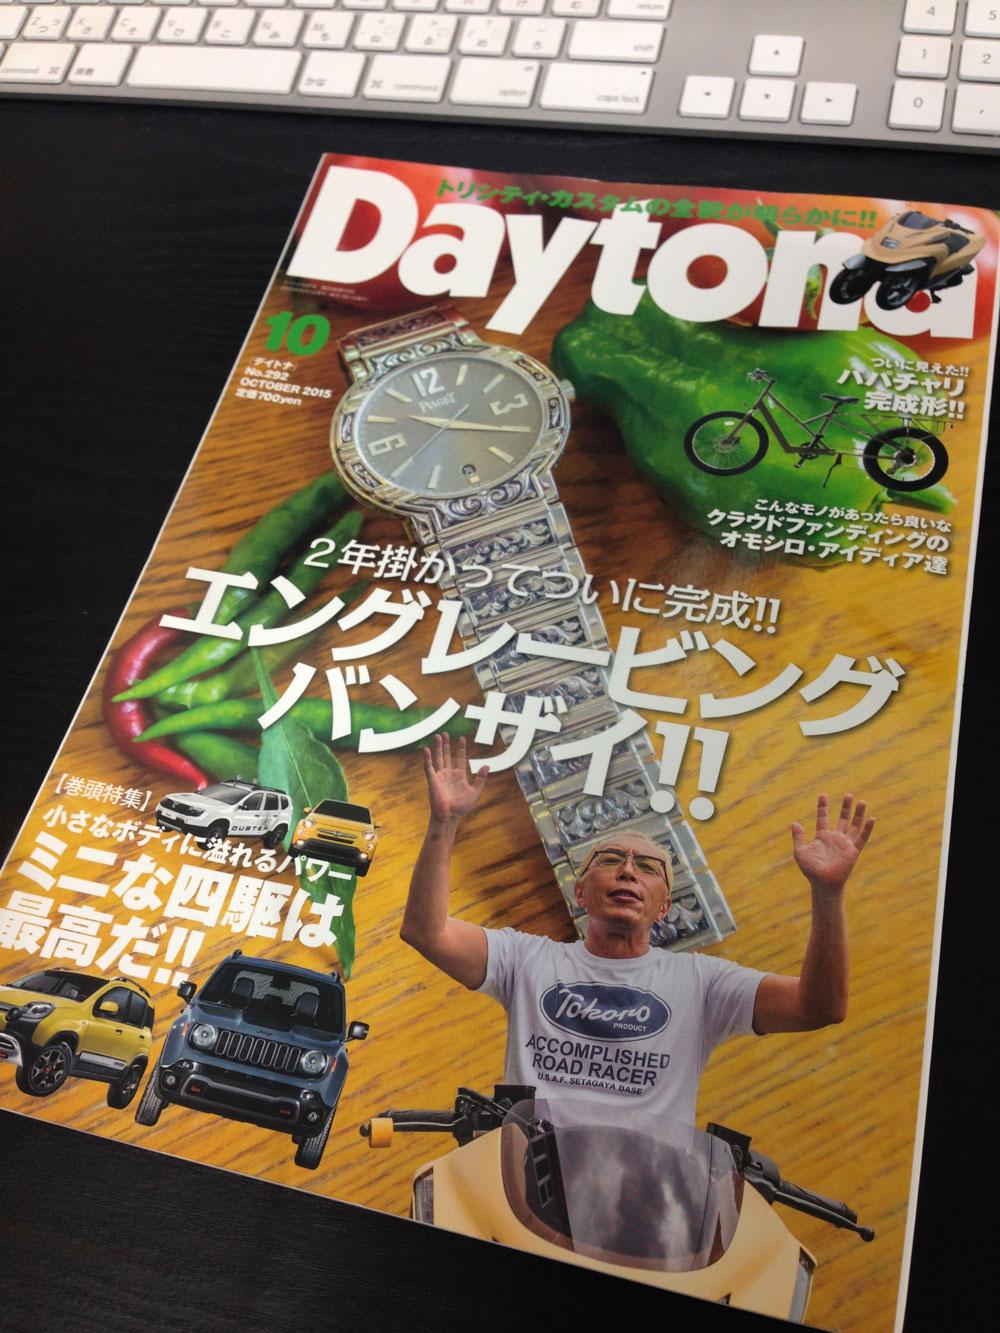 2015_09_04_Daytona10